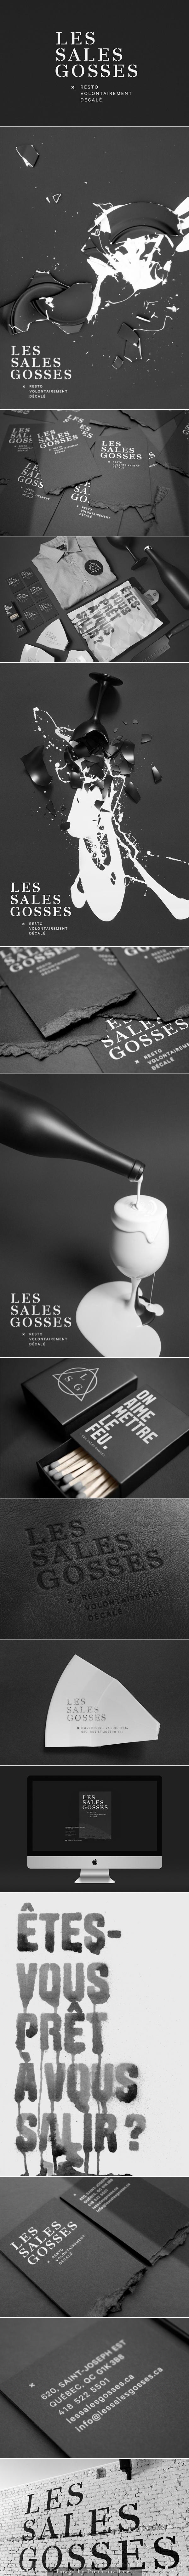 Superbe identité visuelle pour le restaurant Les sales gosses à Québec | Jeremy Hall